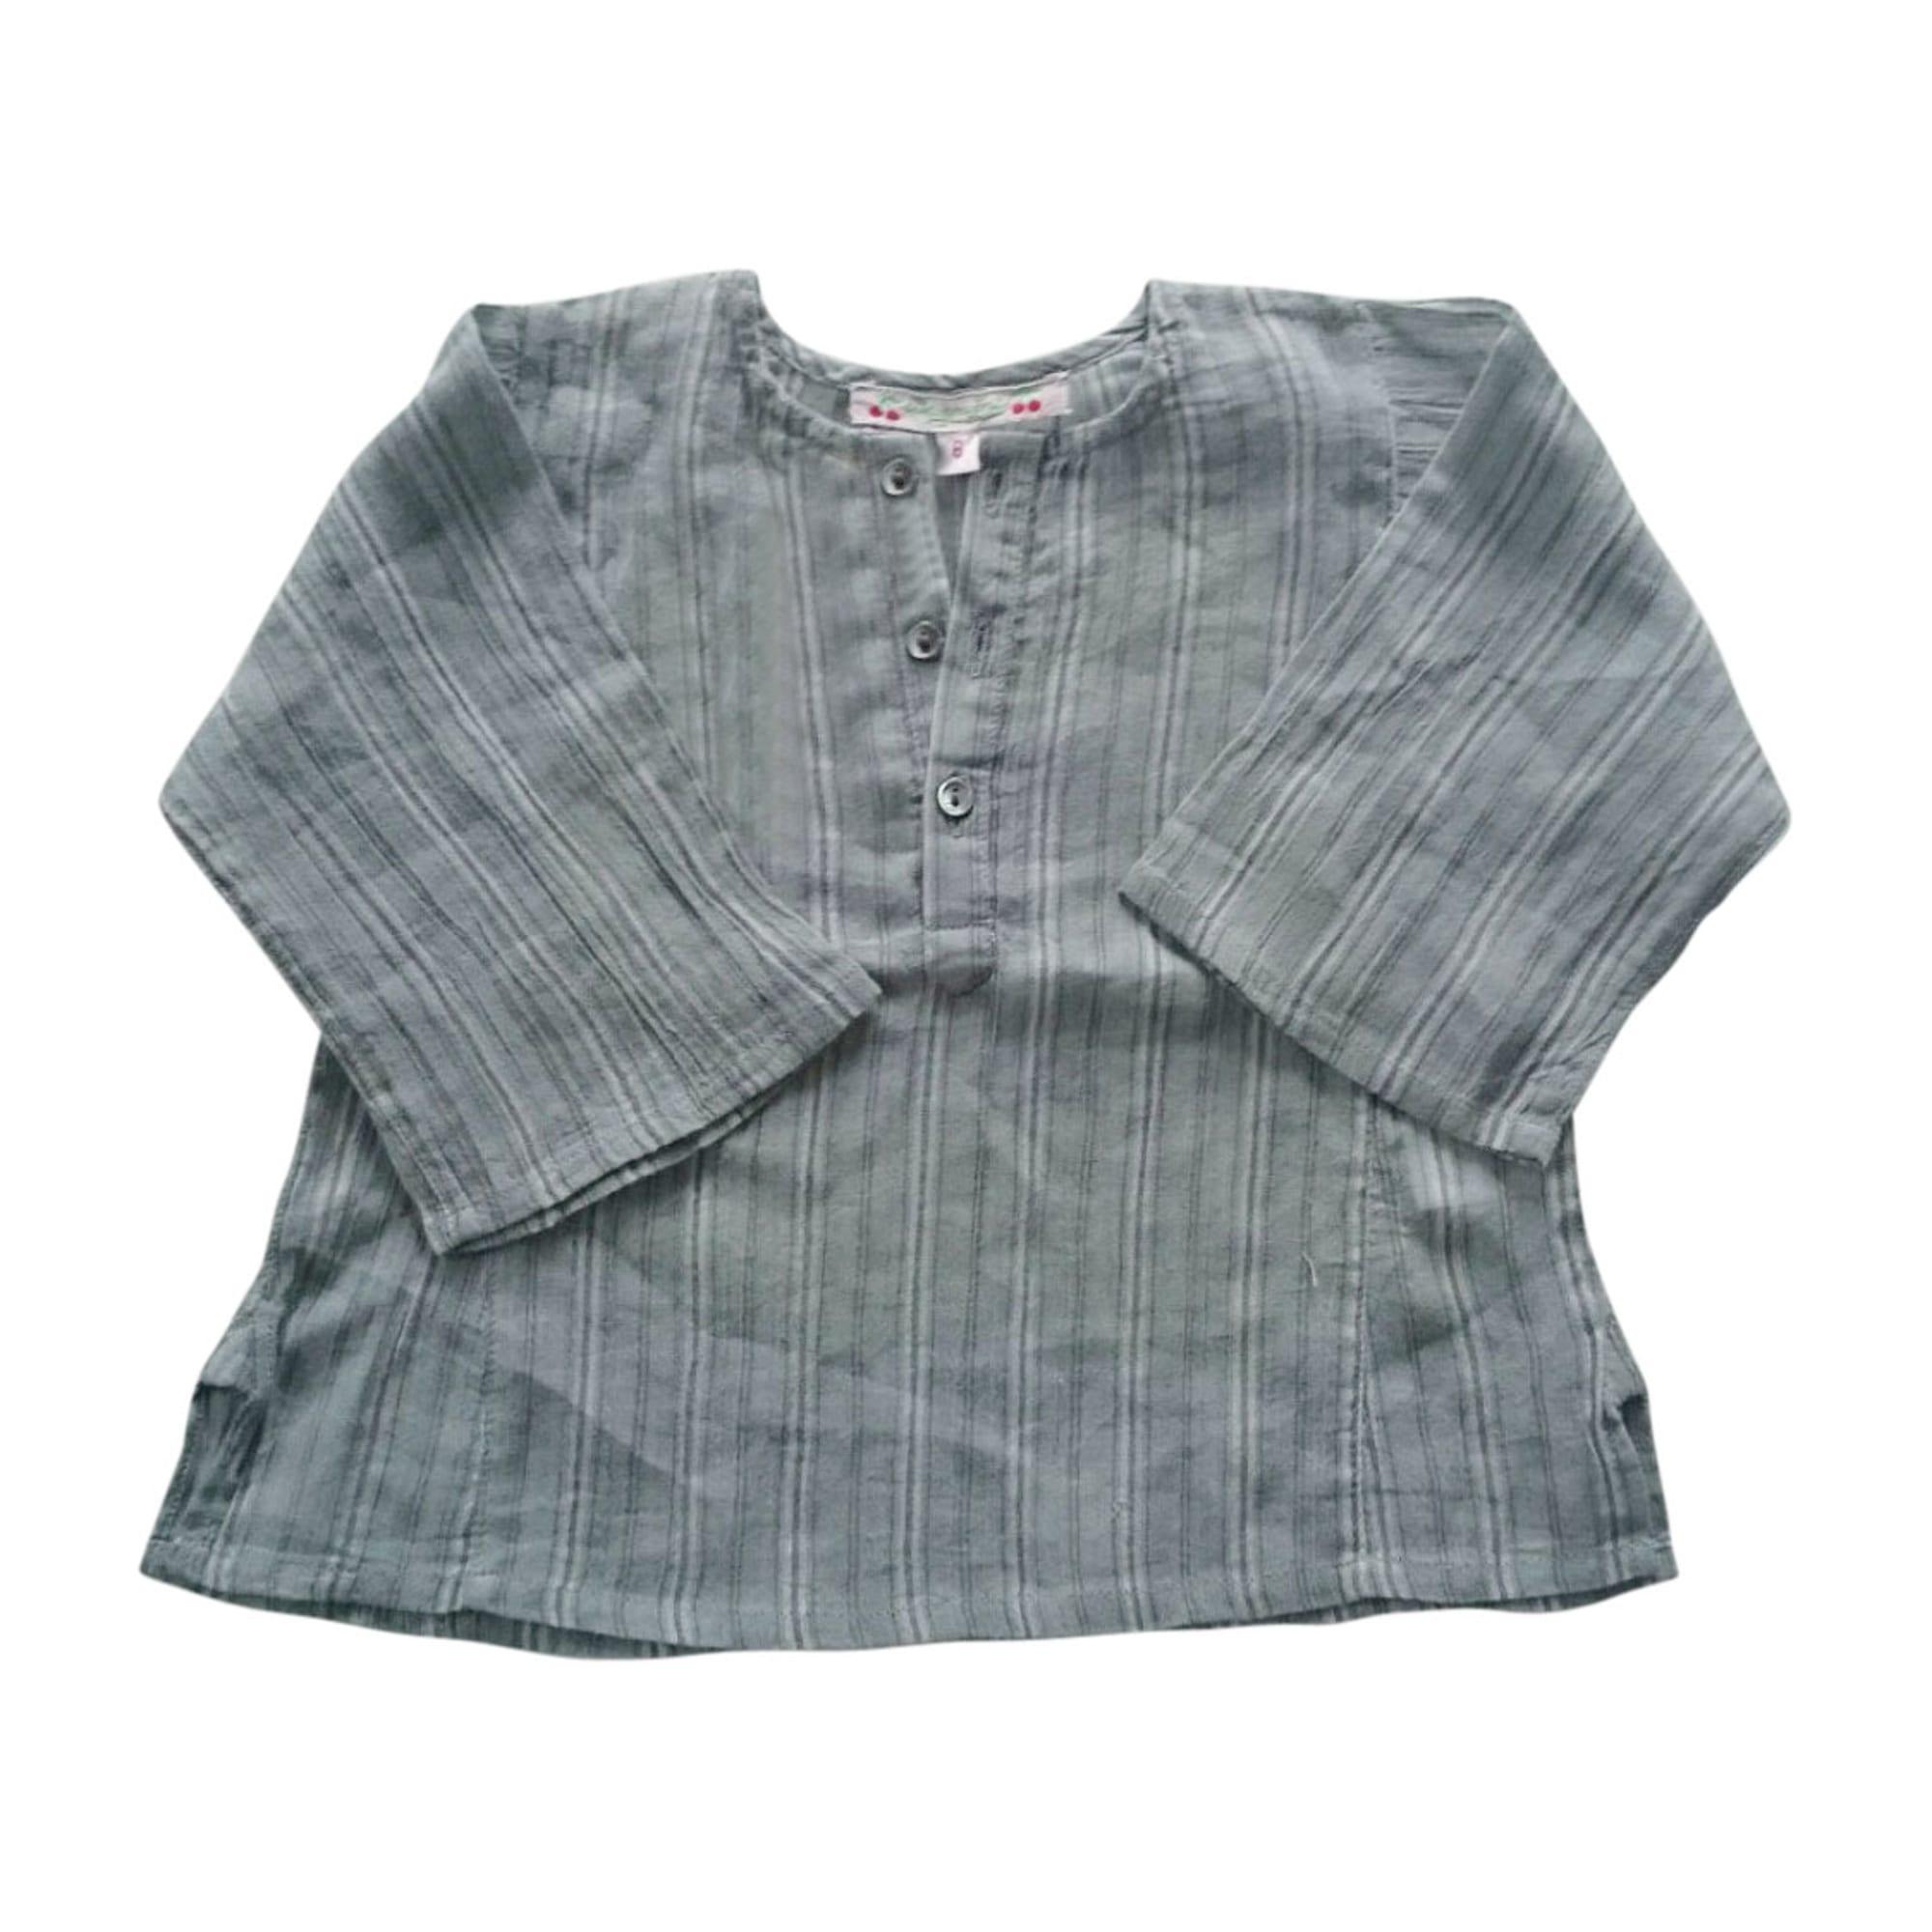 Blouse, Short-sleeved Shirt BONPOINT Blue, navy, turquoise